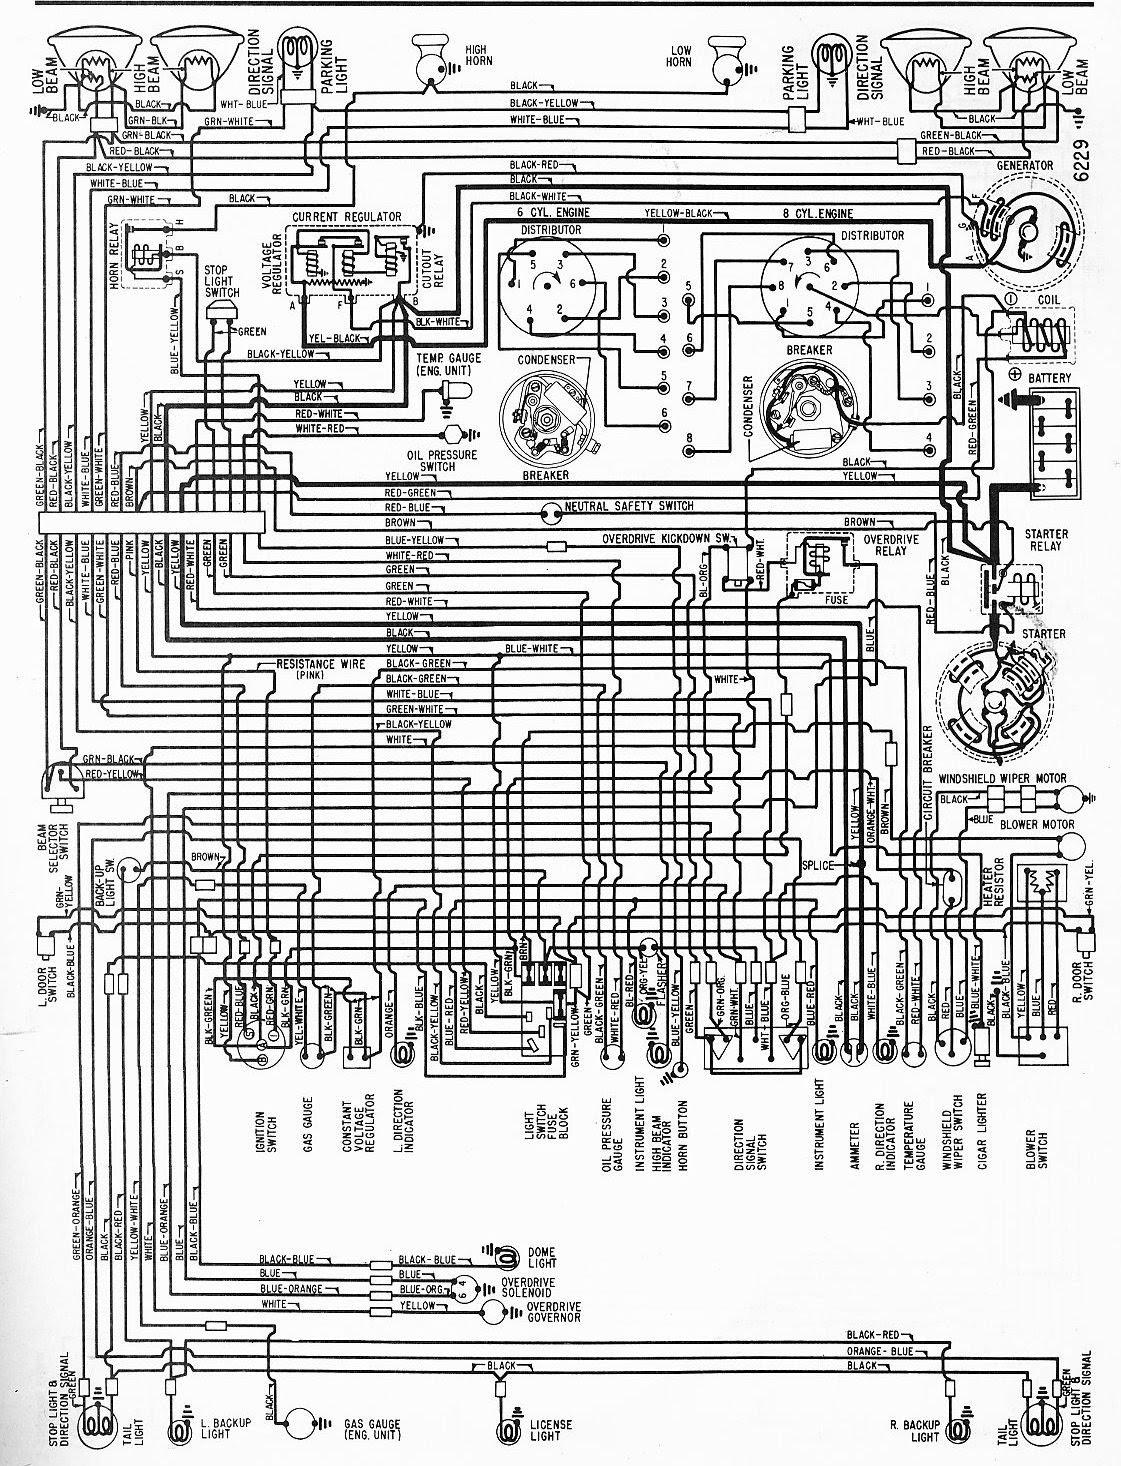 1985 Suburban Wiring Diagram Gas Furnace Wiring Schematic For Wiring Diagram Schematics